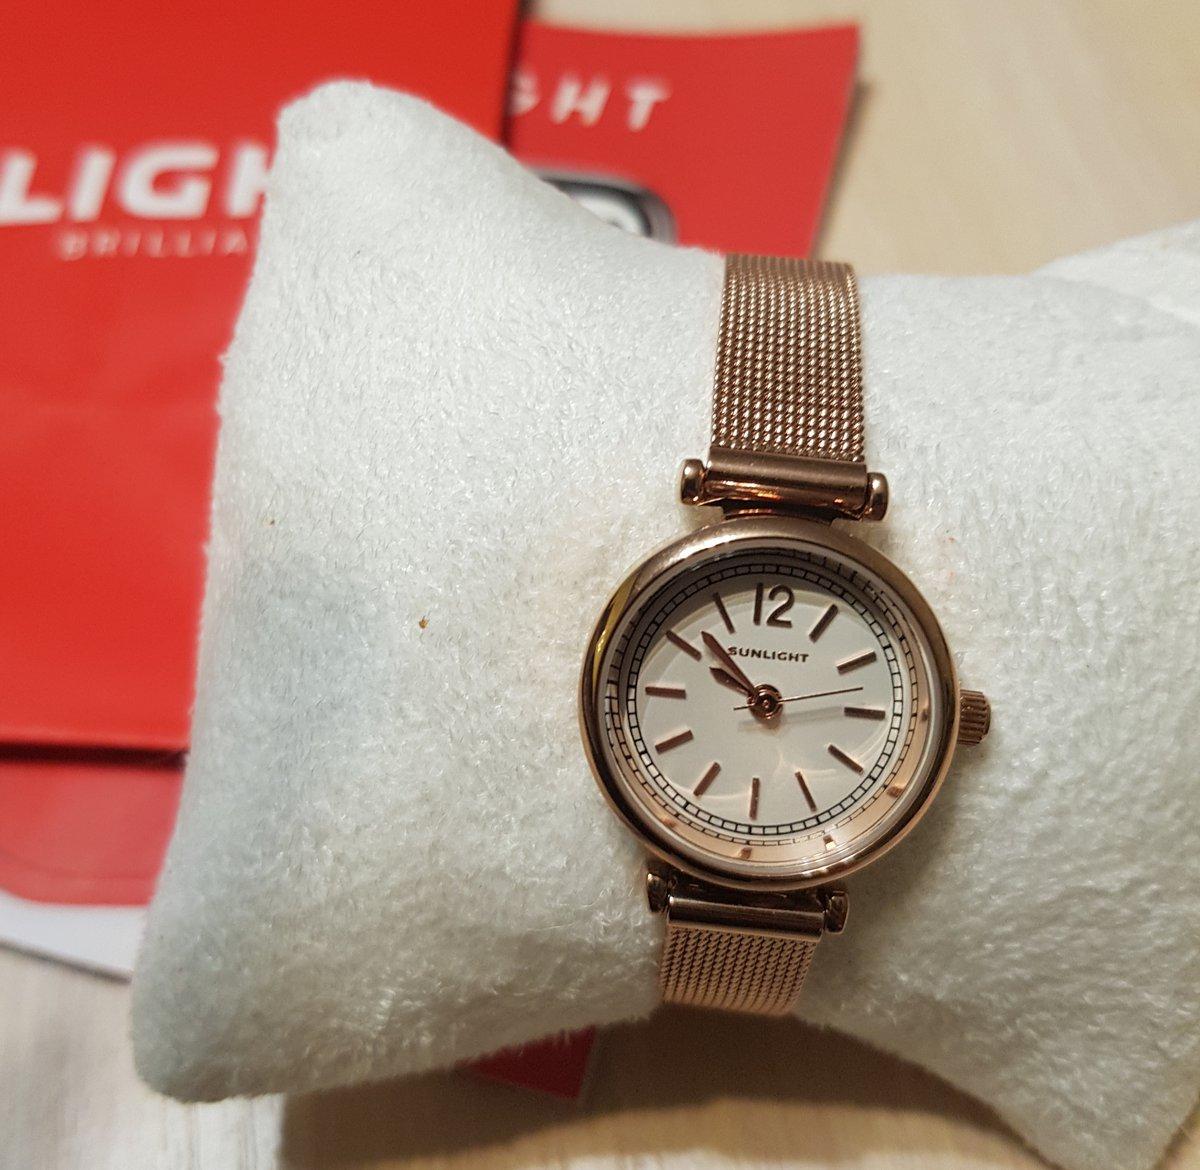 Часы очень красивые! Изящно смотрятся на руке.